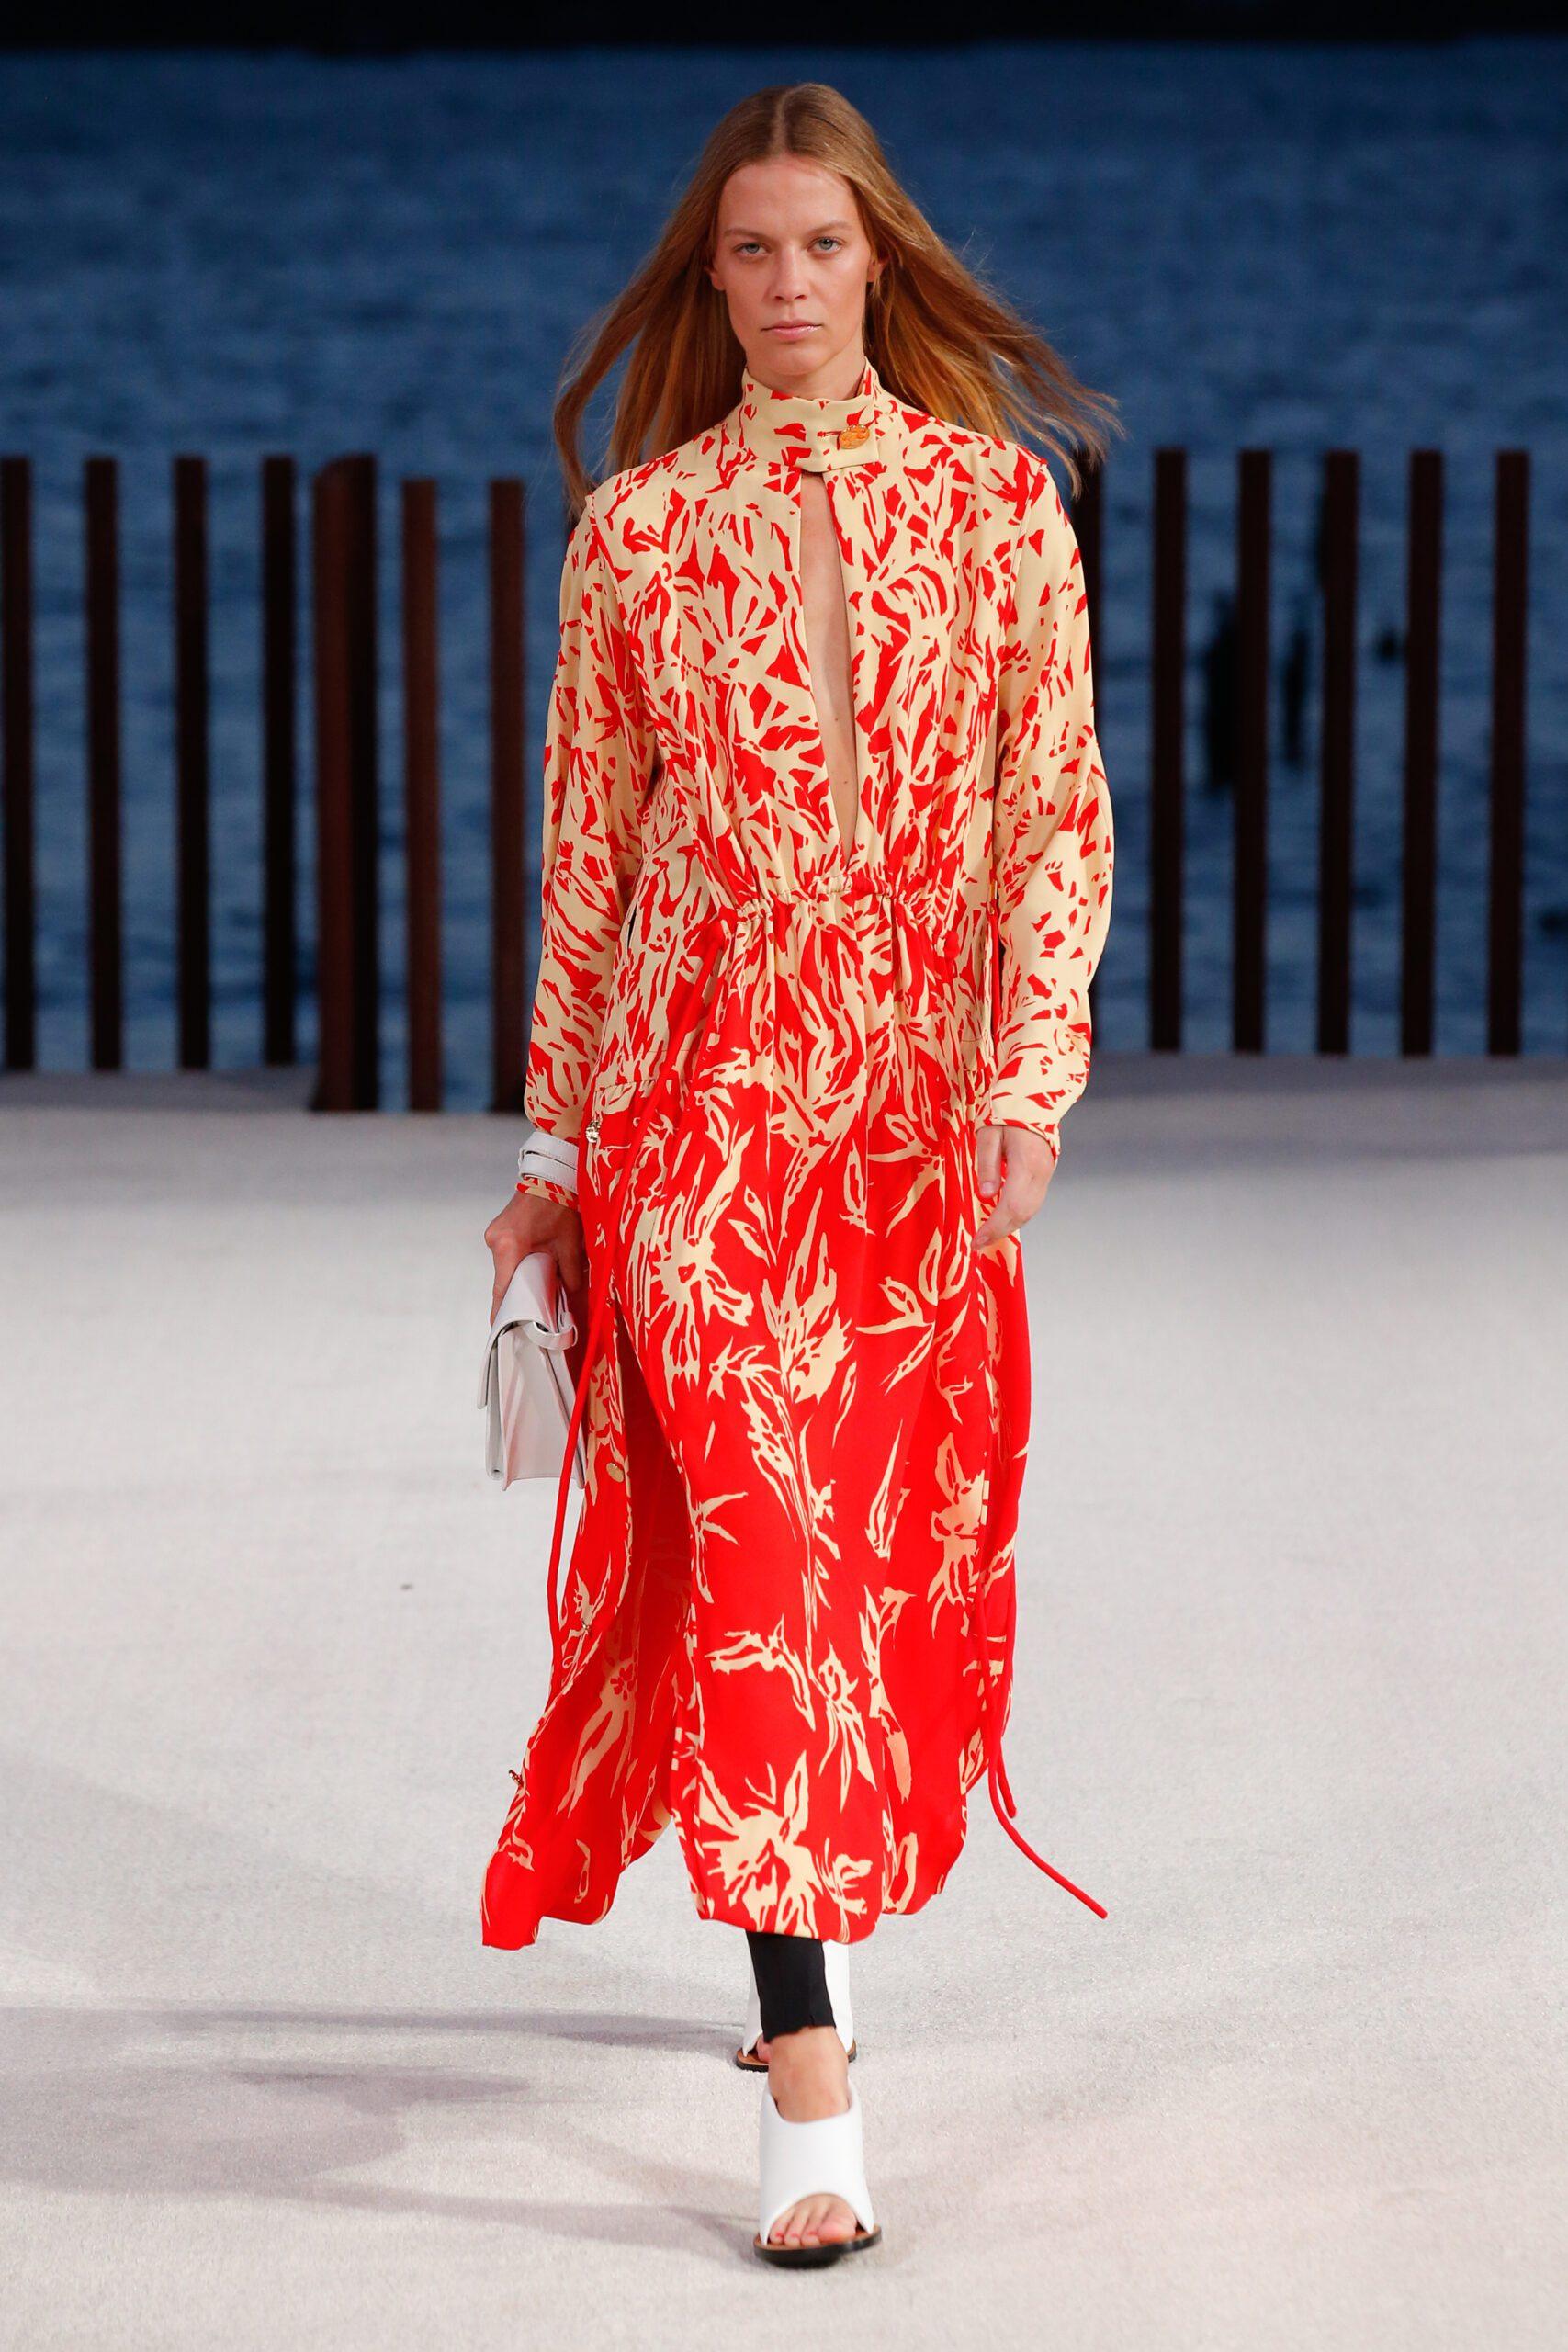 New York Fashion Week: Αυτά είναι τα ωραιότερα looks του οίκου Proenza Schouler για την Άνοιξη/Καλοκαίρι 2022